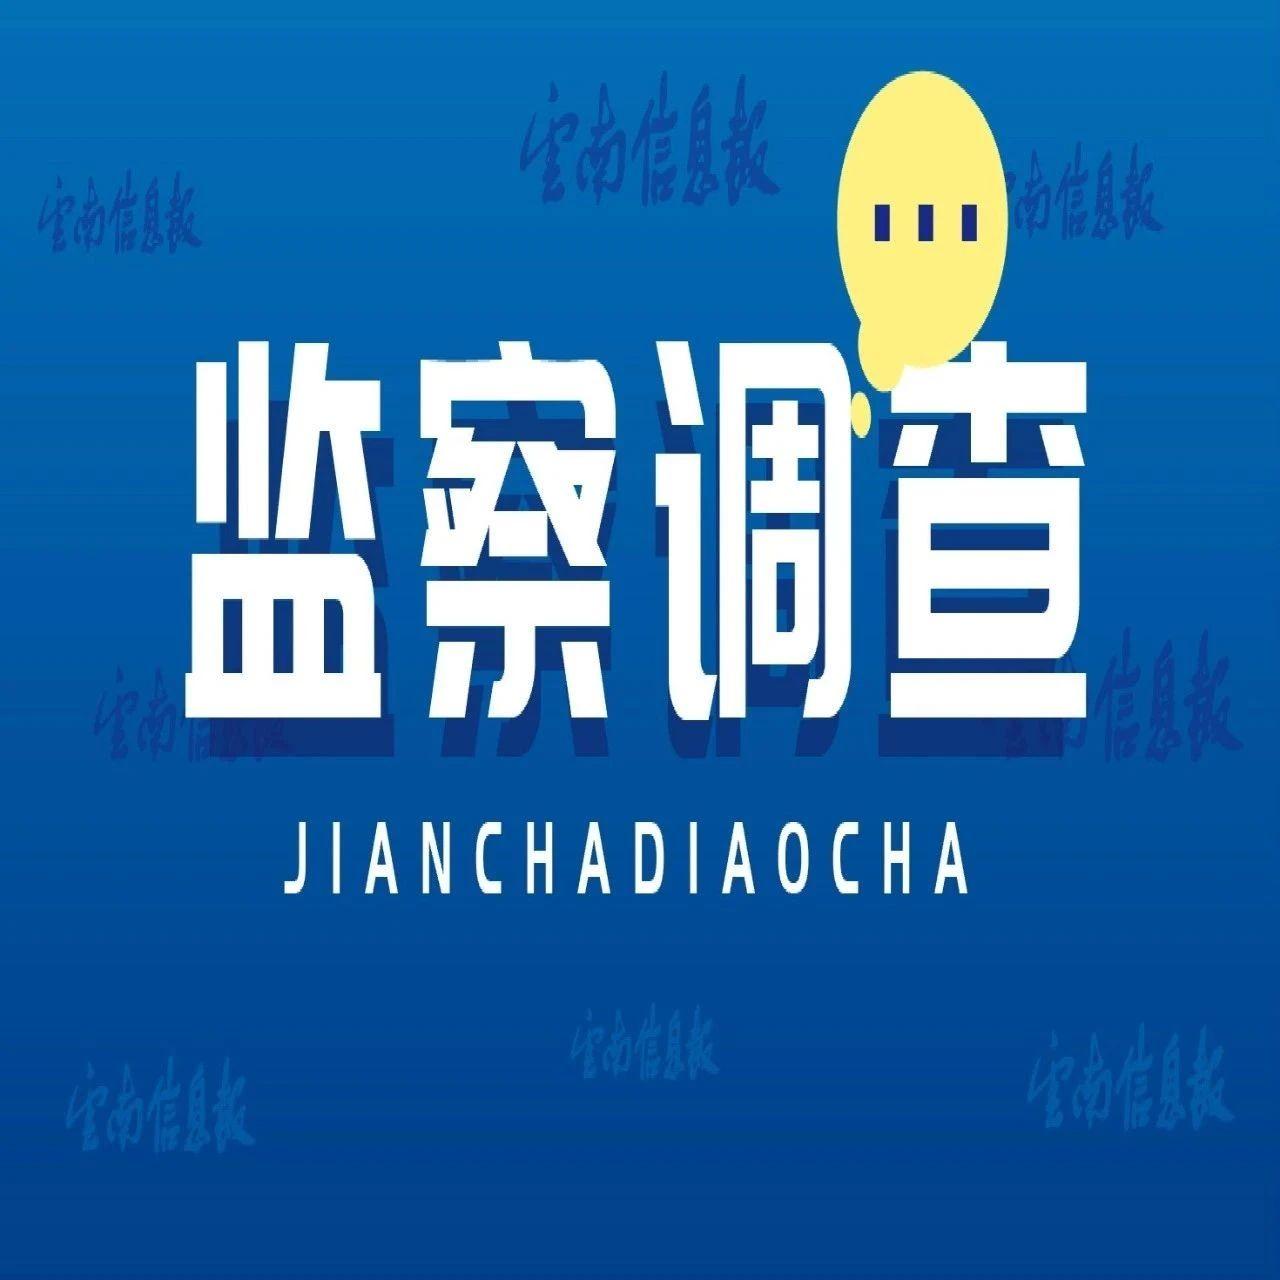 云南省文山州政协原副主席陈晓华接受纪律审查和监察调查